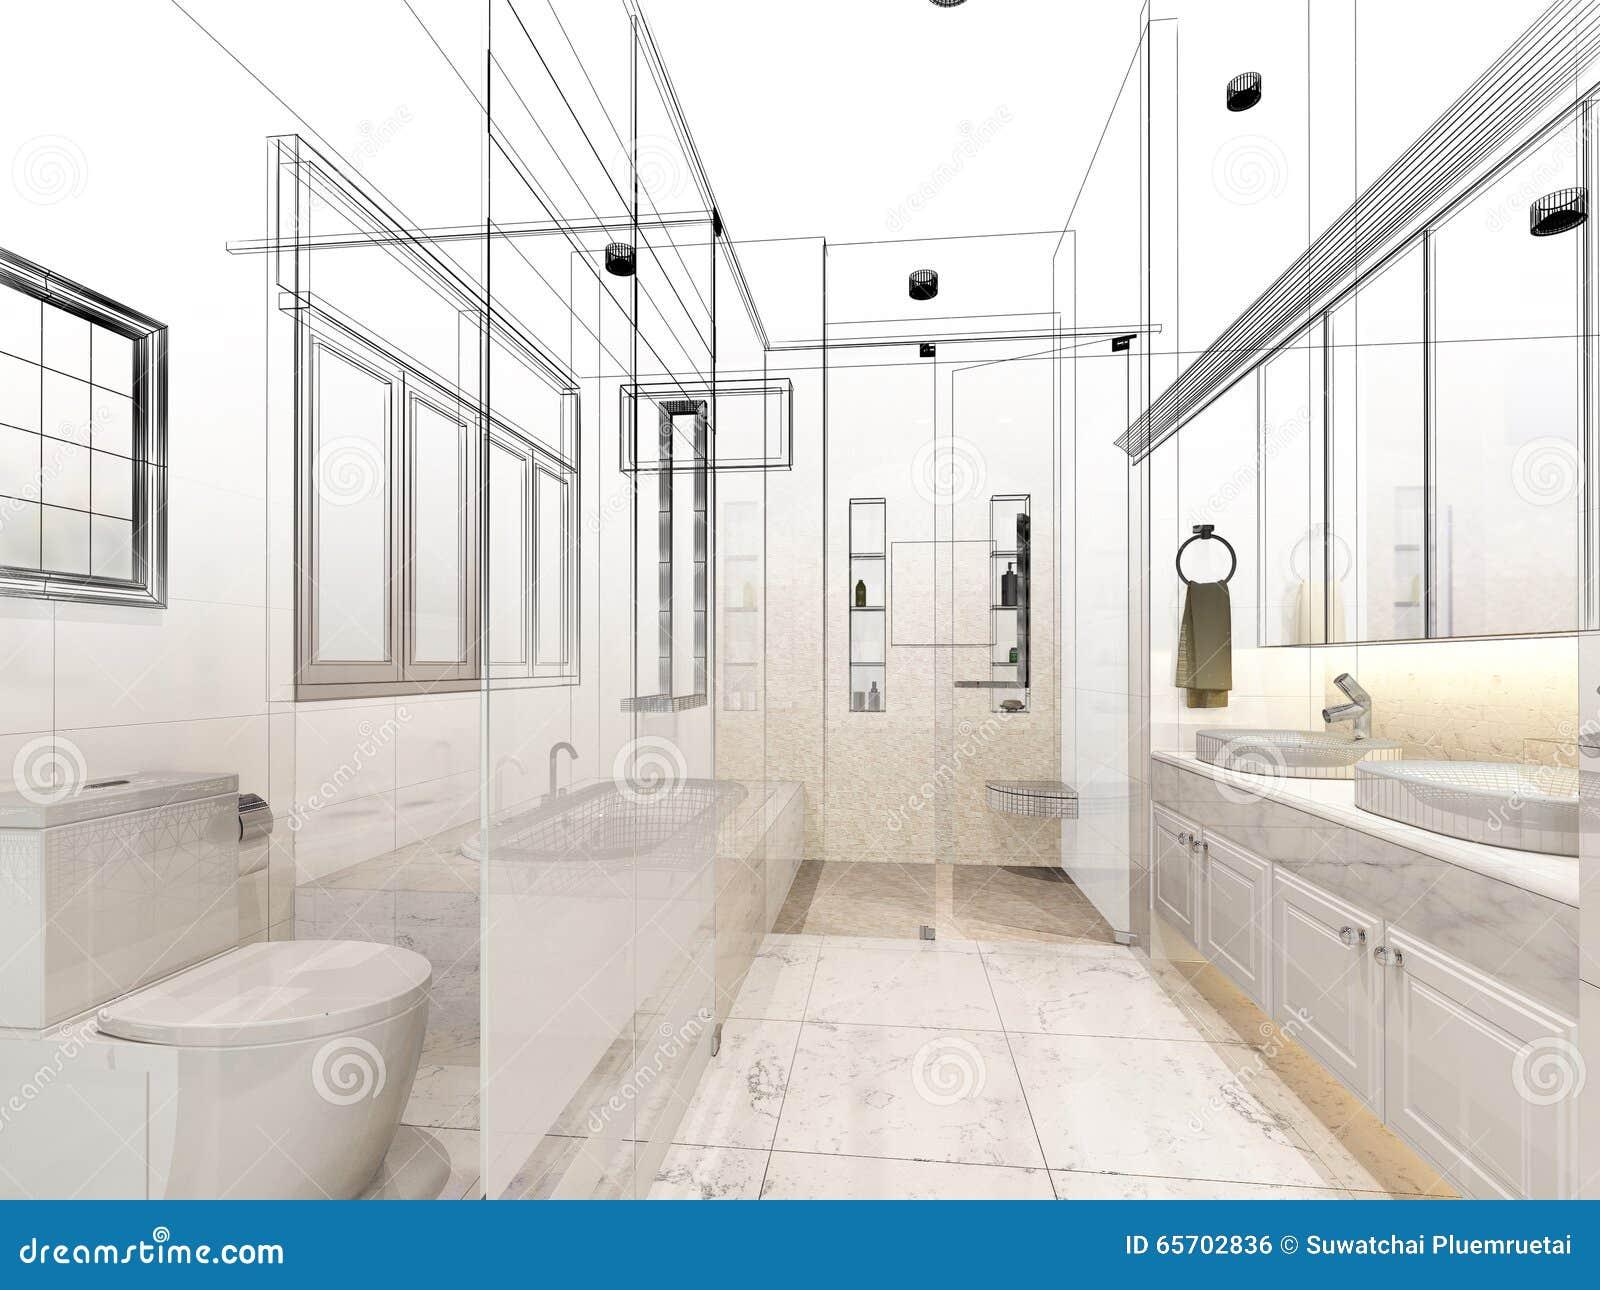 Conception abstraite de croquis de salle de bains intérieure